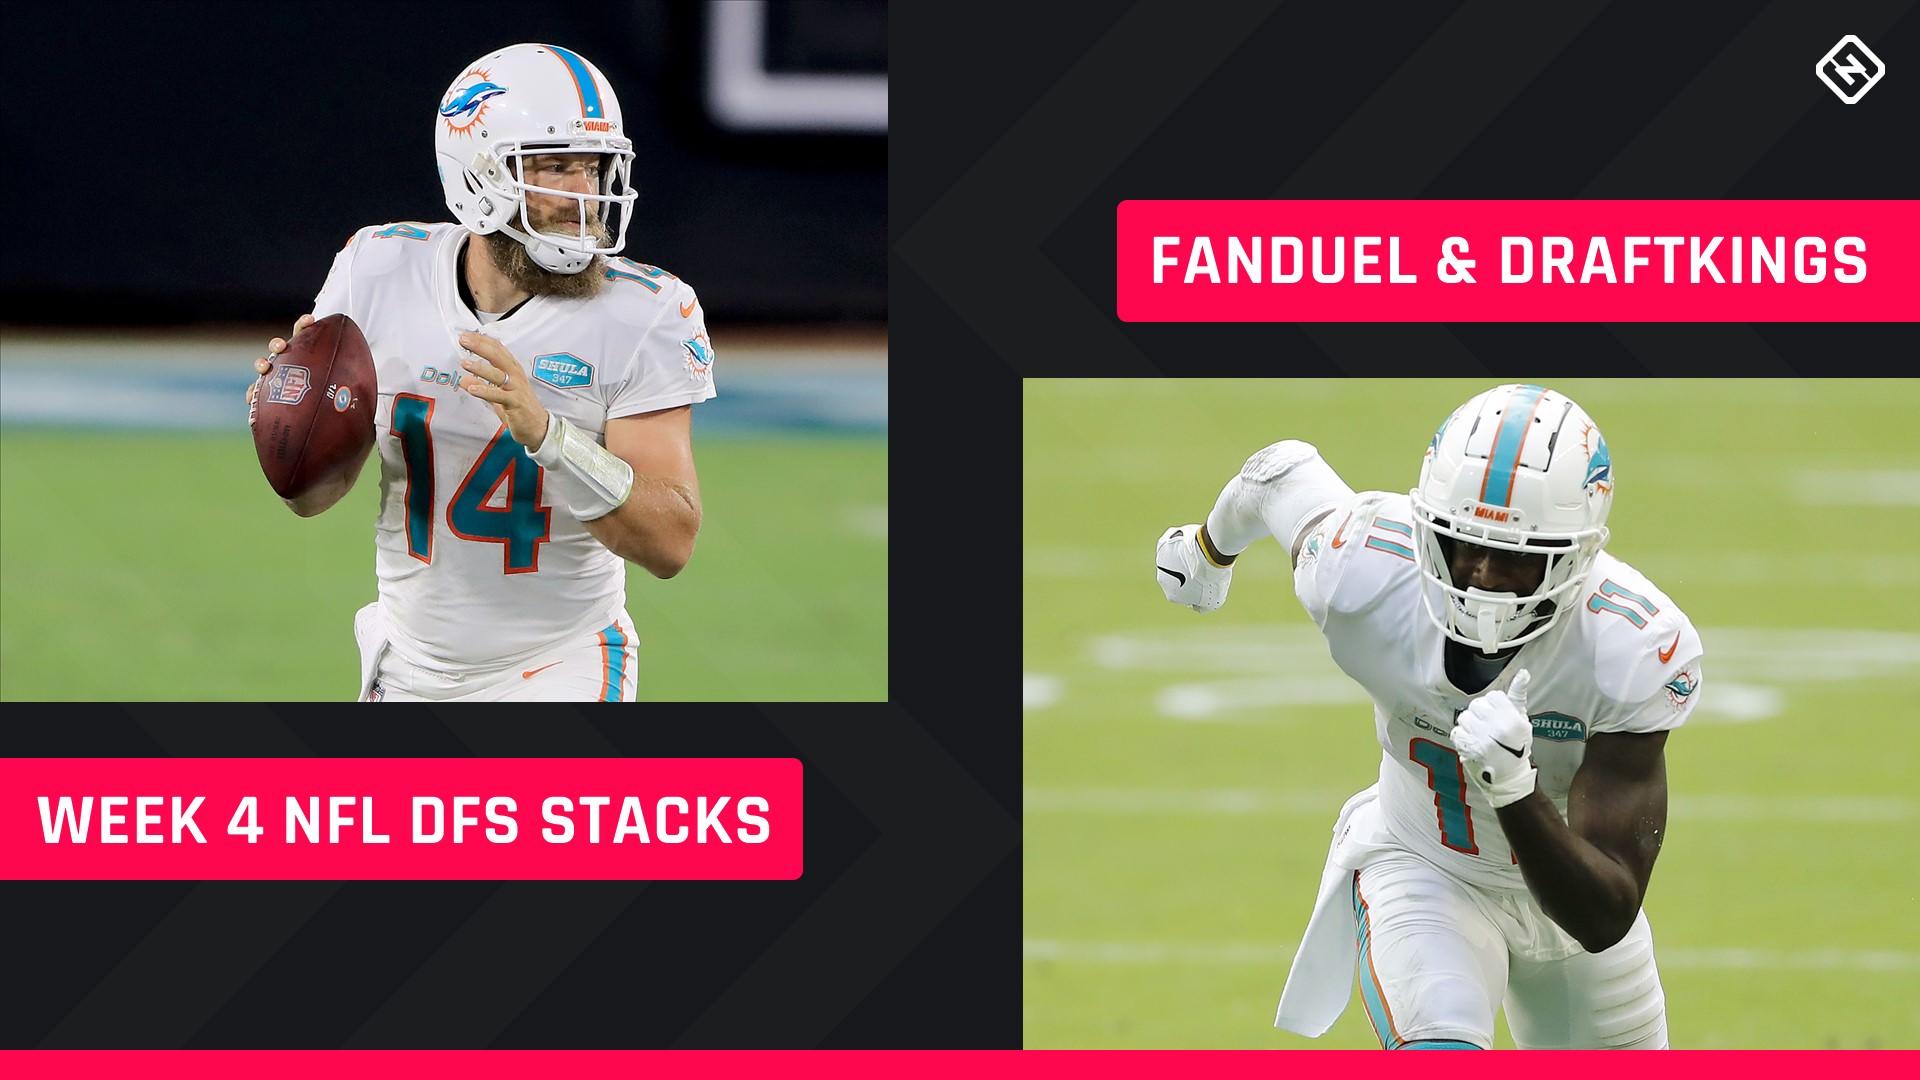 Semana 4 NFL DFS Stacks: melhores escolhas de lineup para DraftKings, torneios FanDuel, jogos a dinheiro